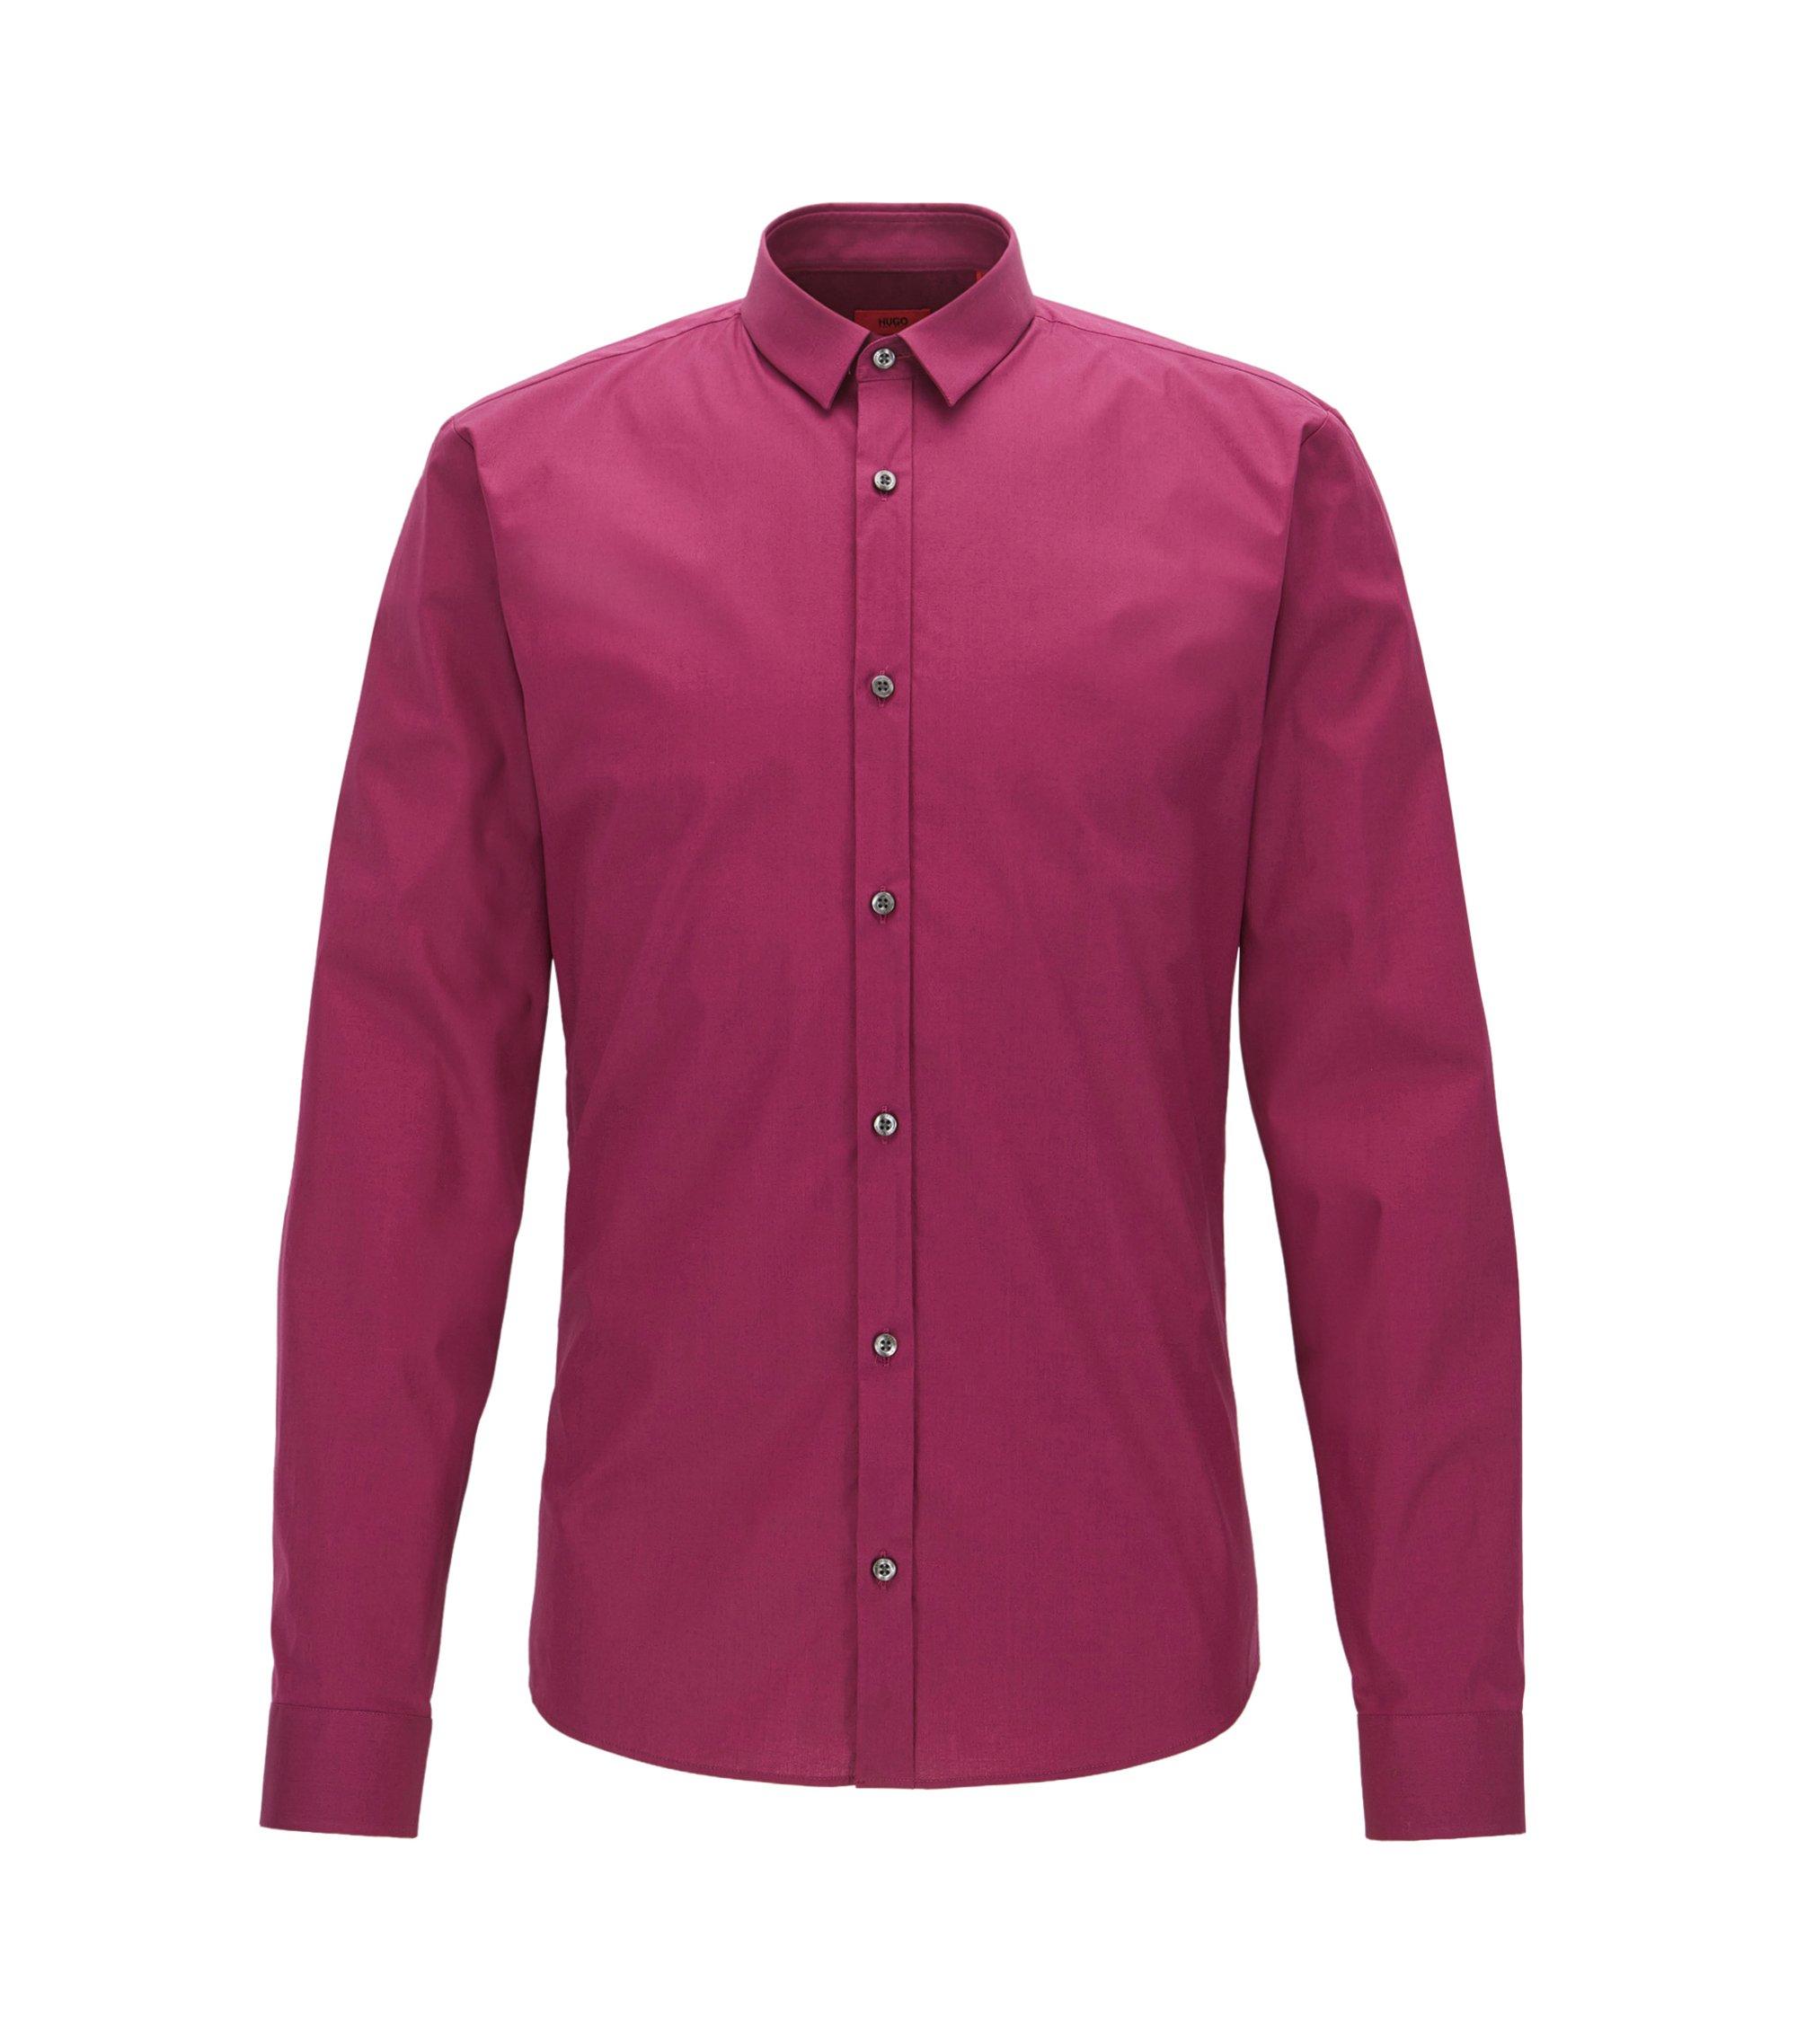 Stretch Cotton Button Down Shirt, Extra Slim Fit | Ero, Dark pink